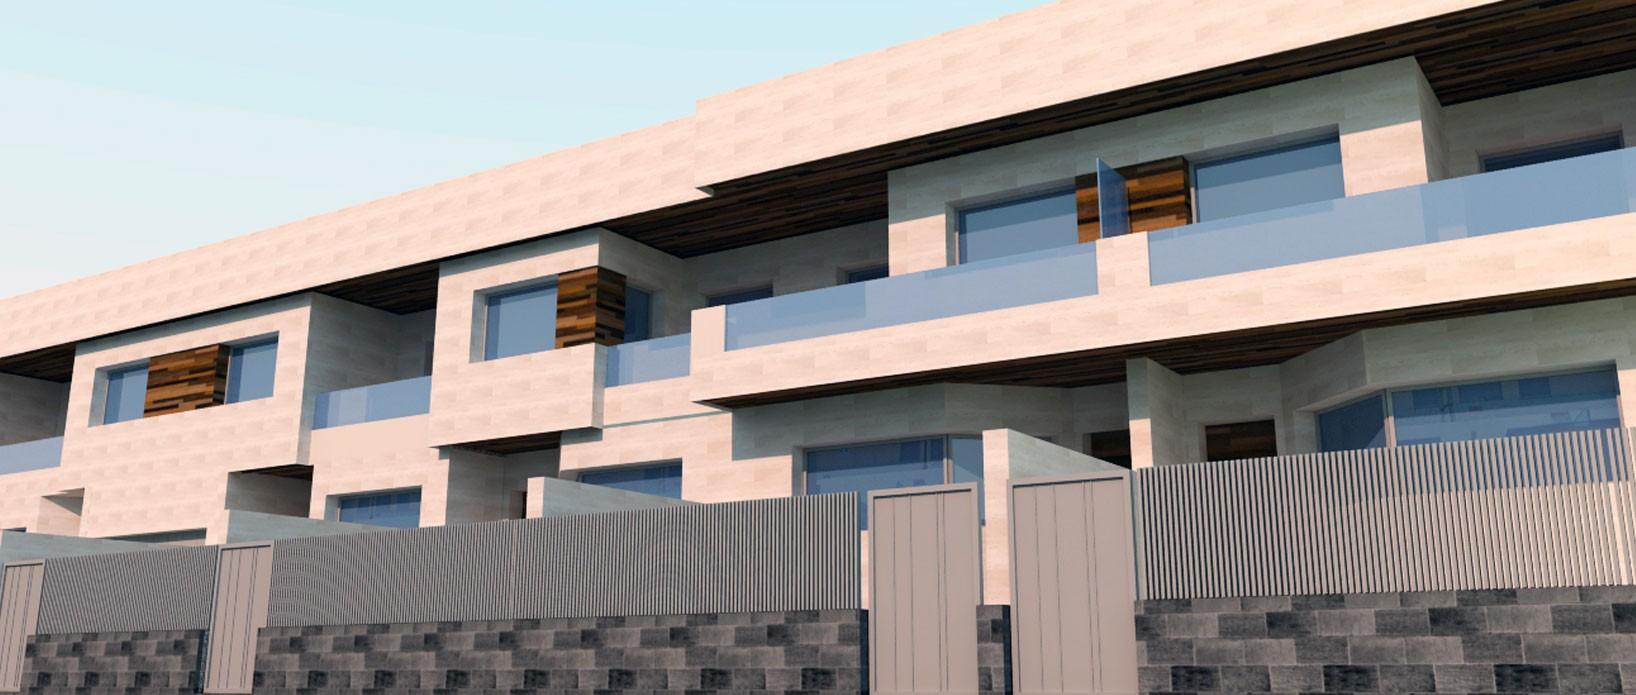 Vacheron Projects - Construcción